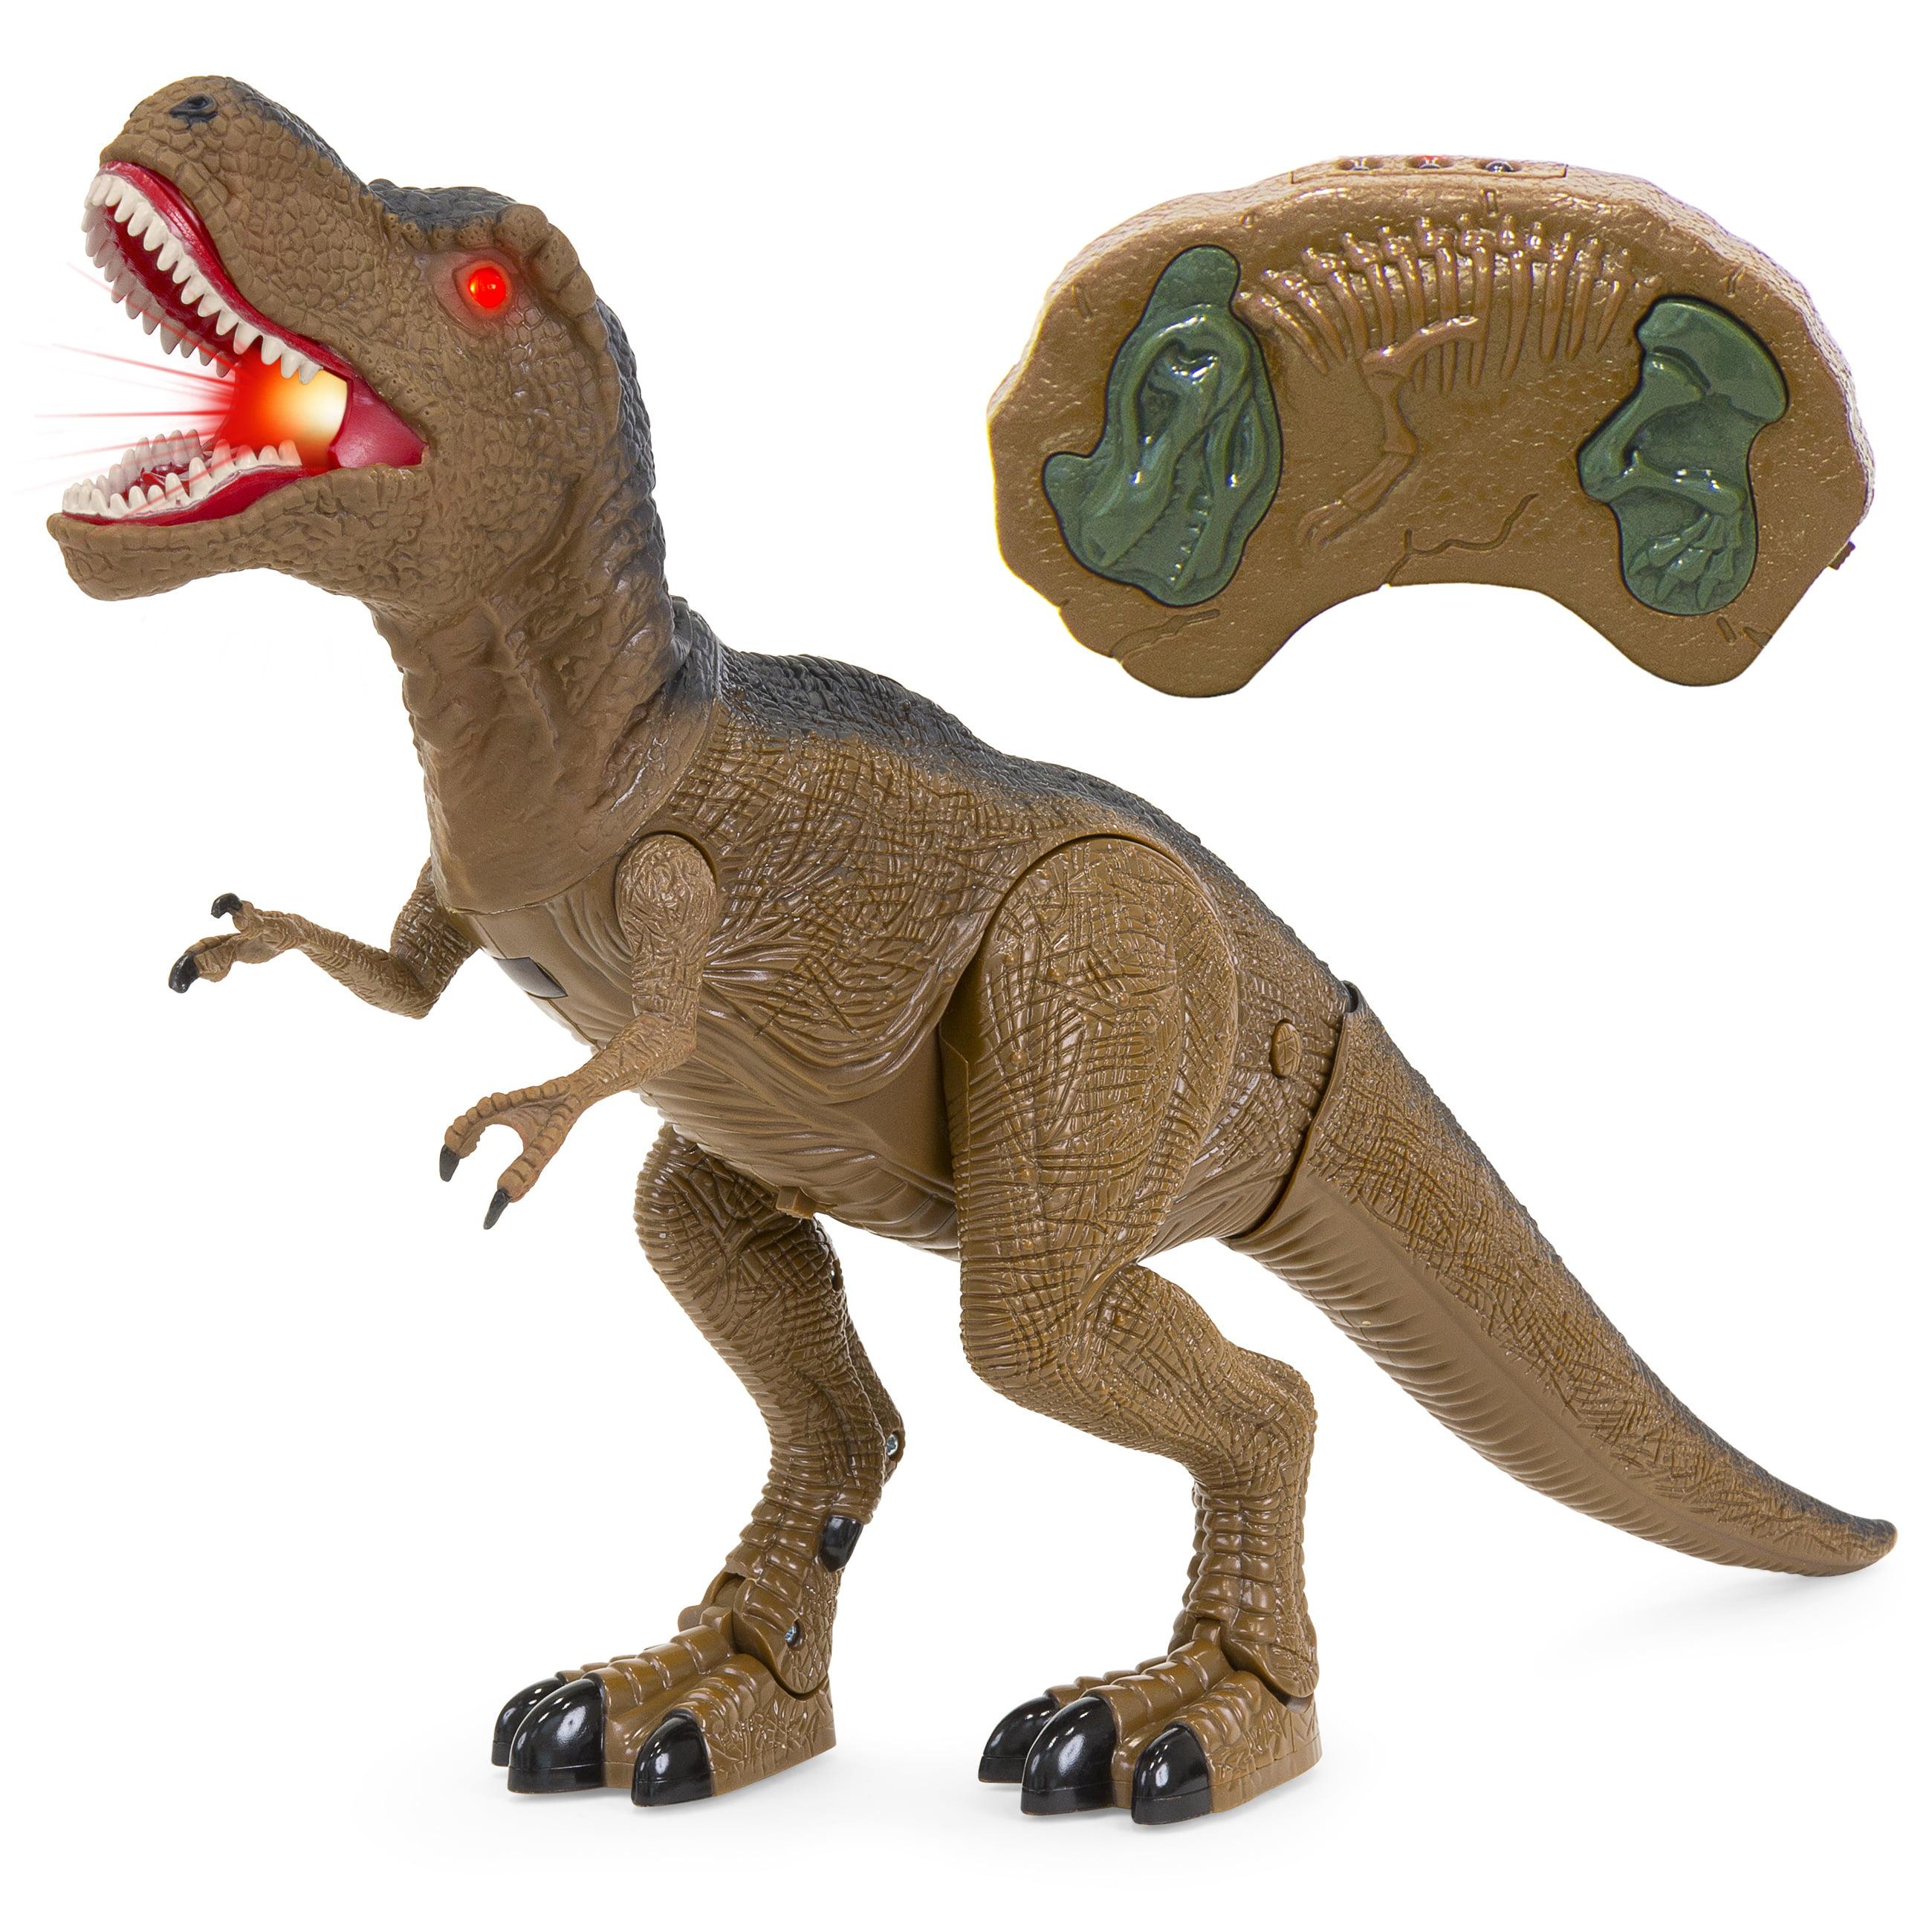 Loyal Walking Dinosaur Toy Toys & Hobbies